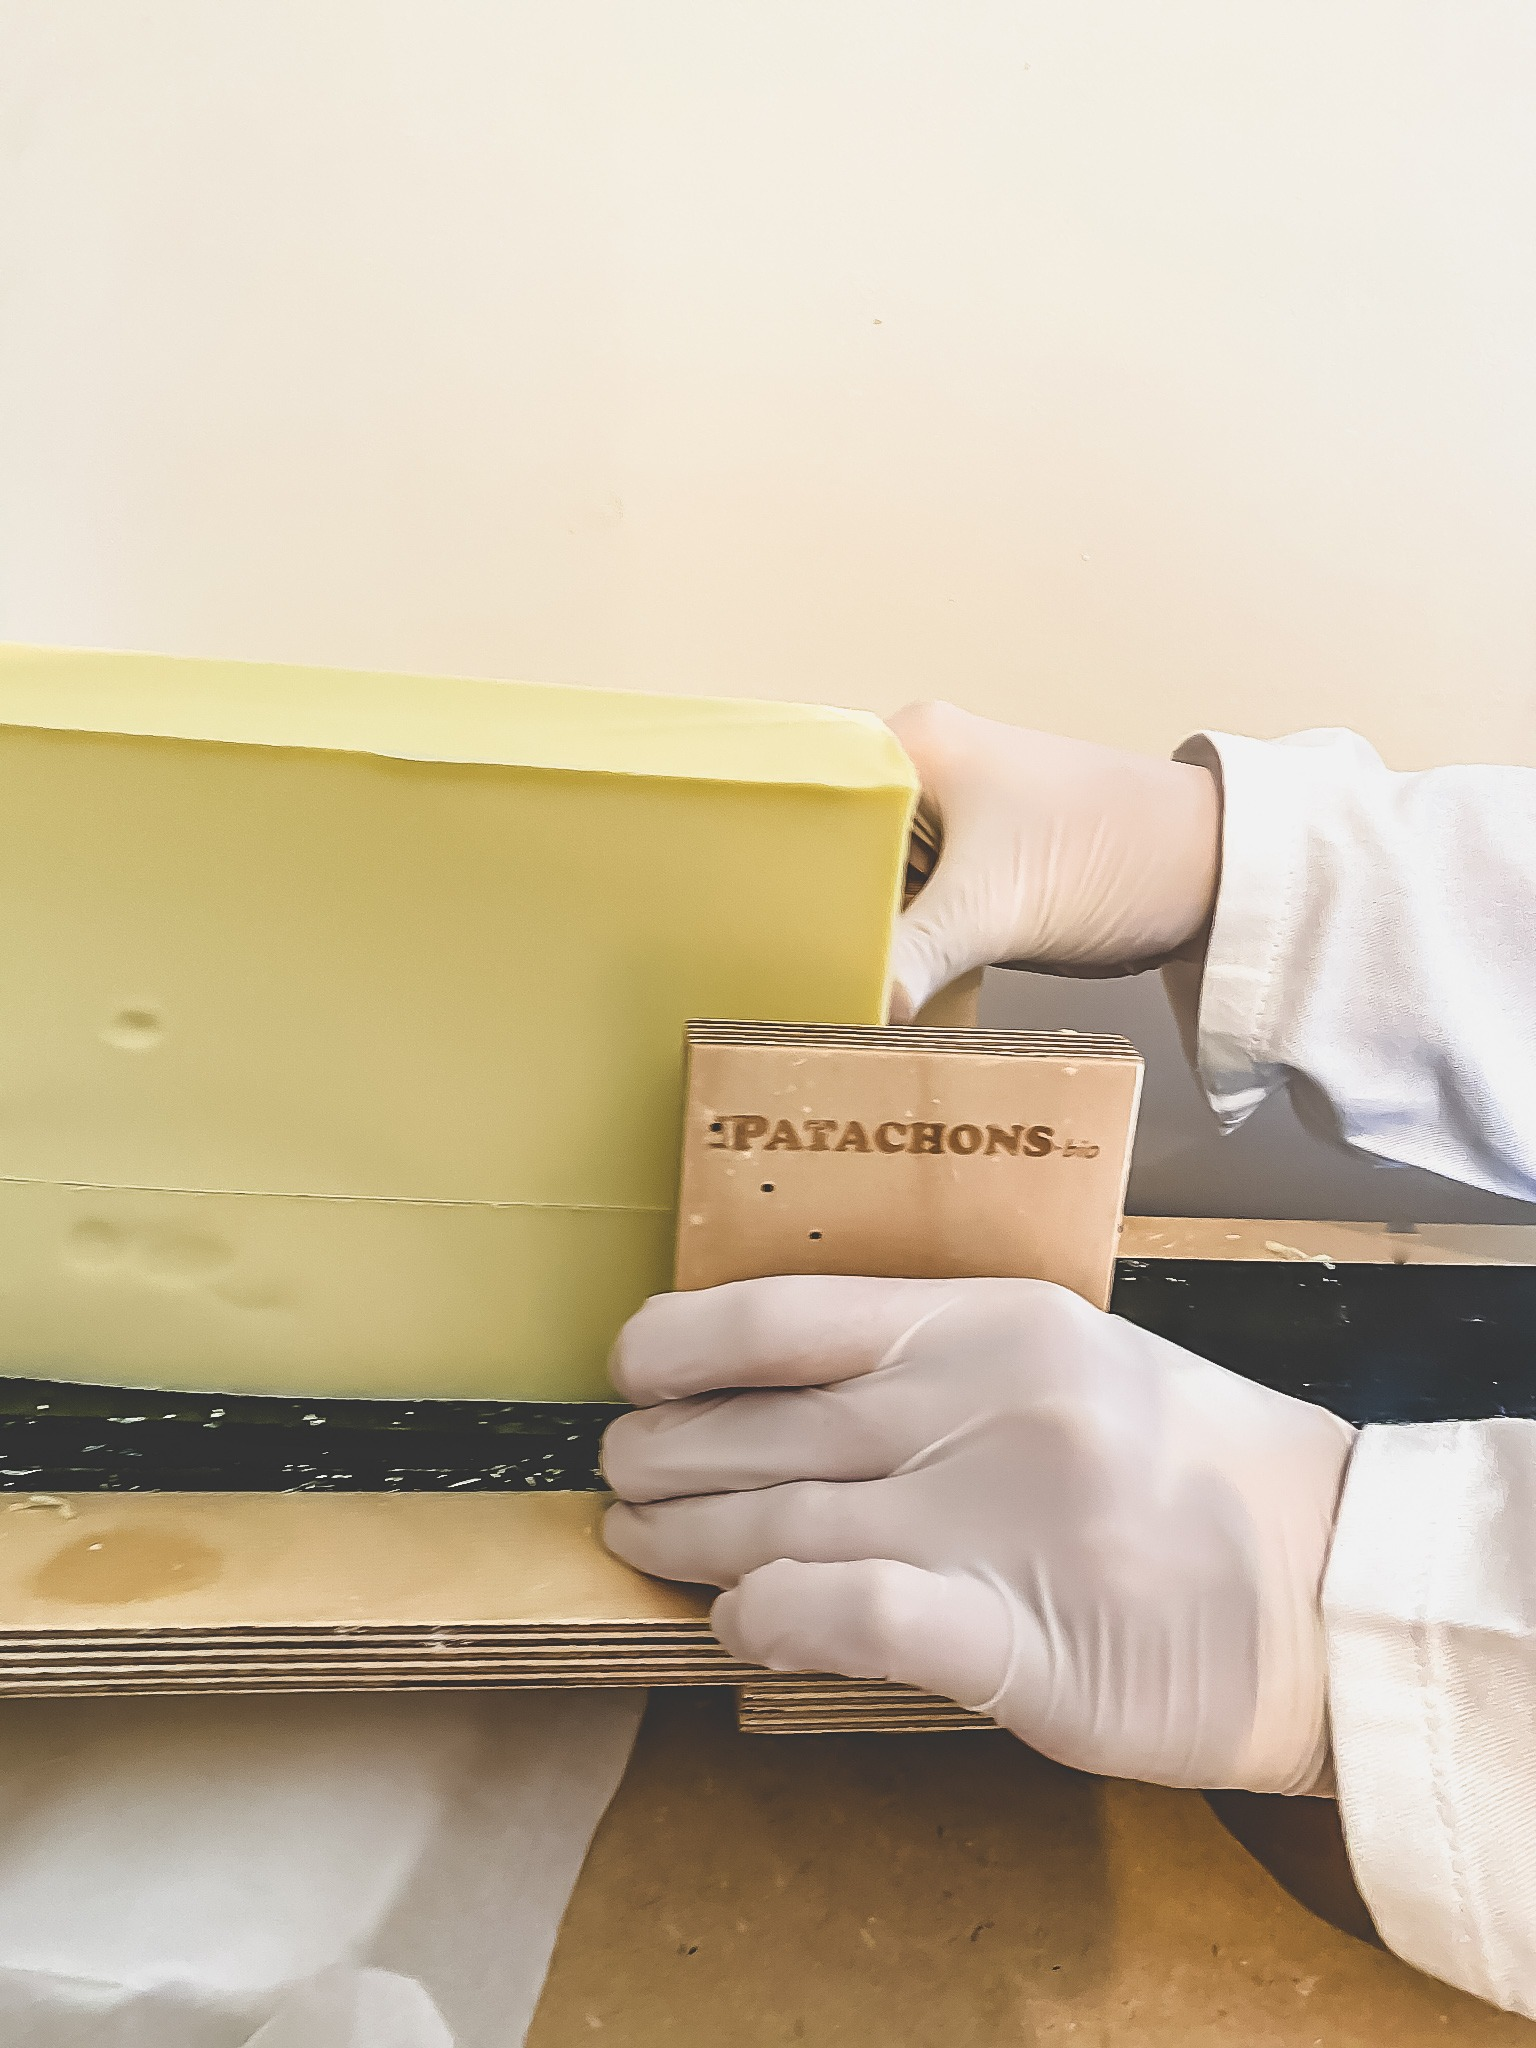 fabrication du bon savon naturel à l'huile d'olive biologique